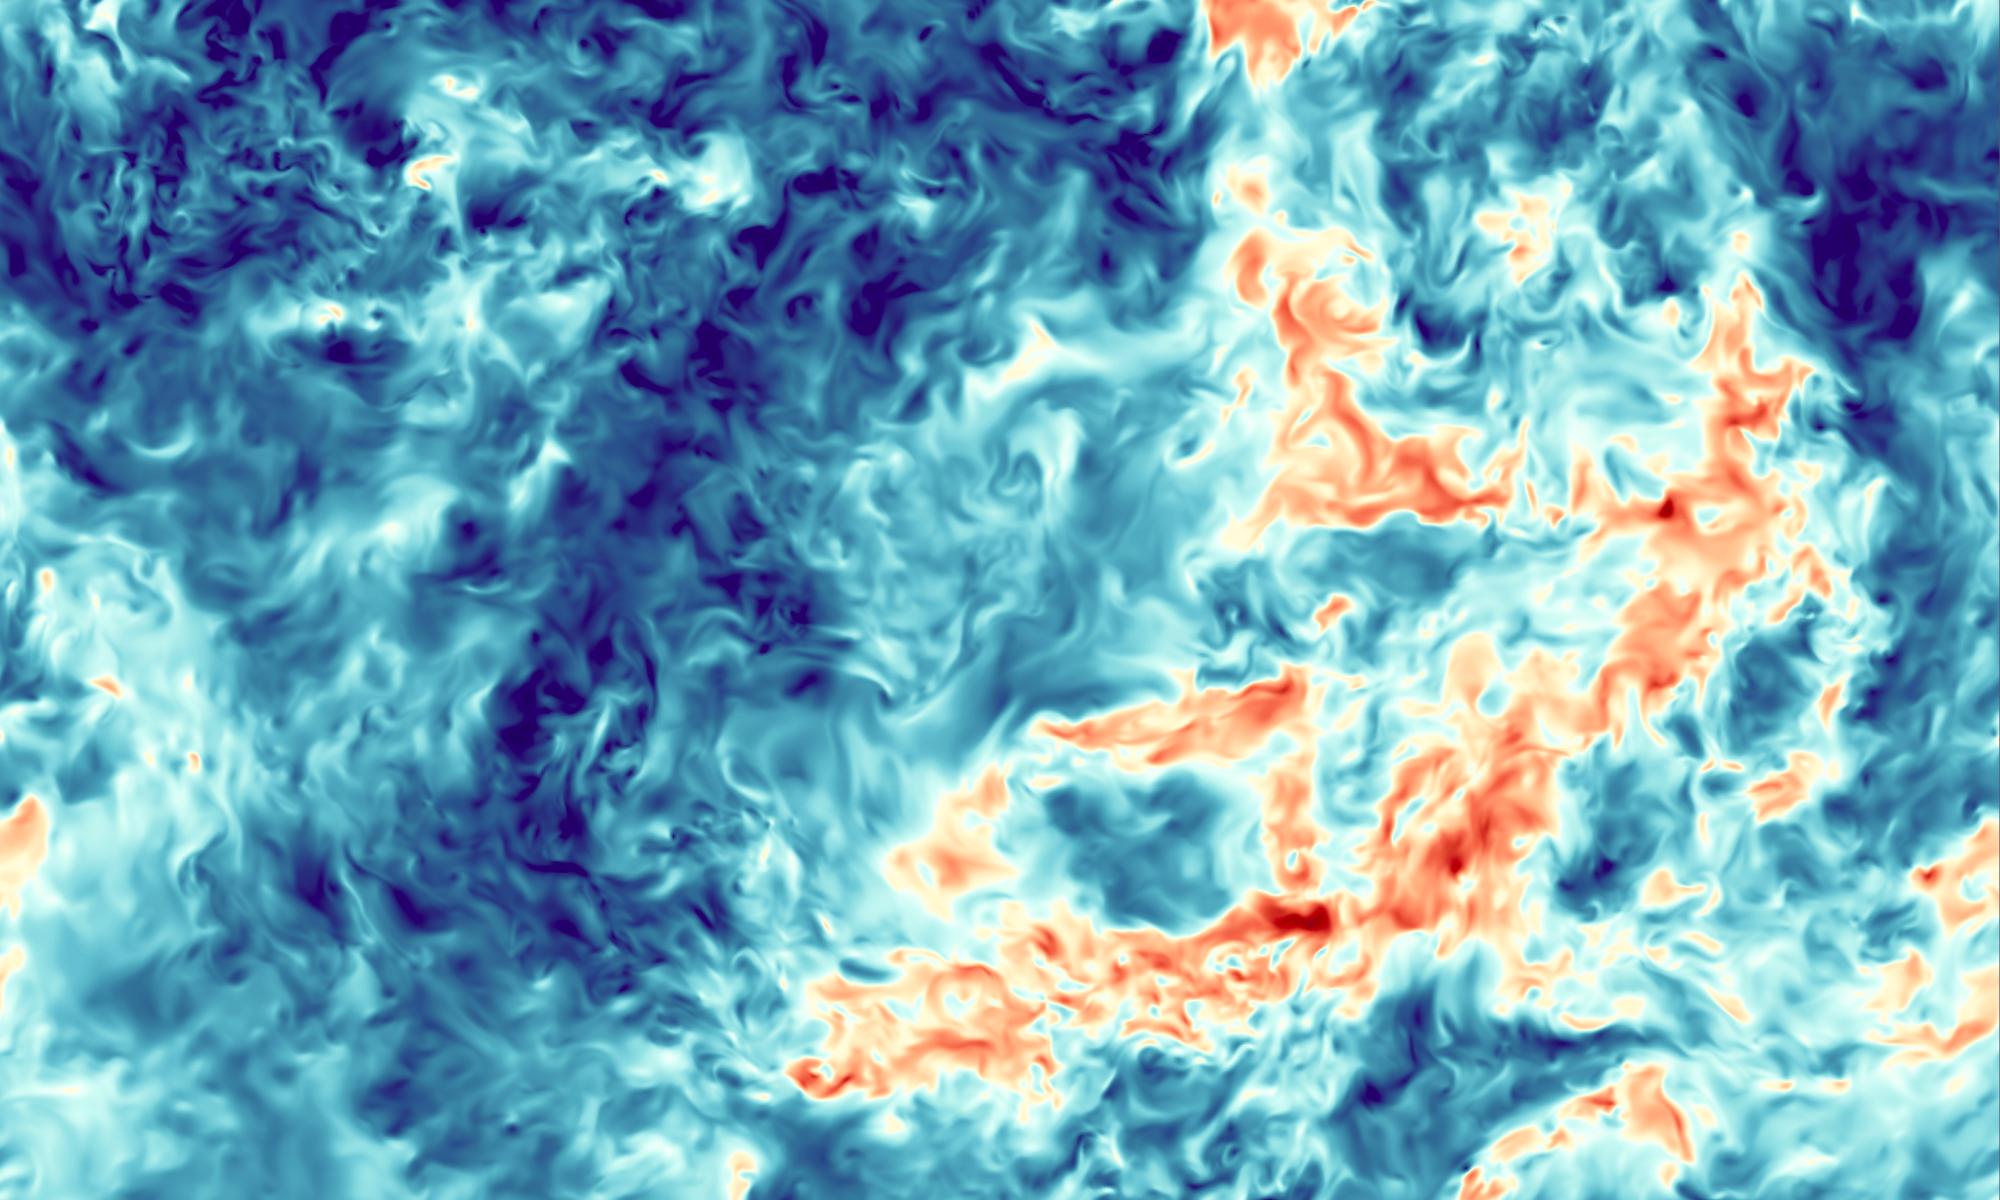 Physics & Simulation of Turbulence